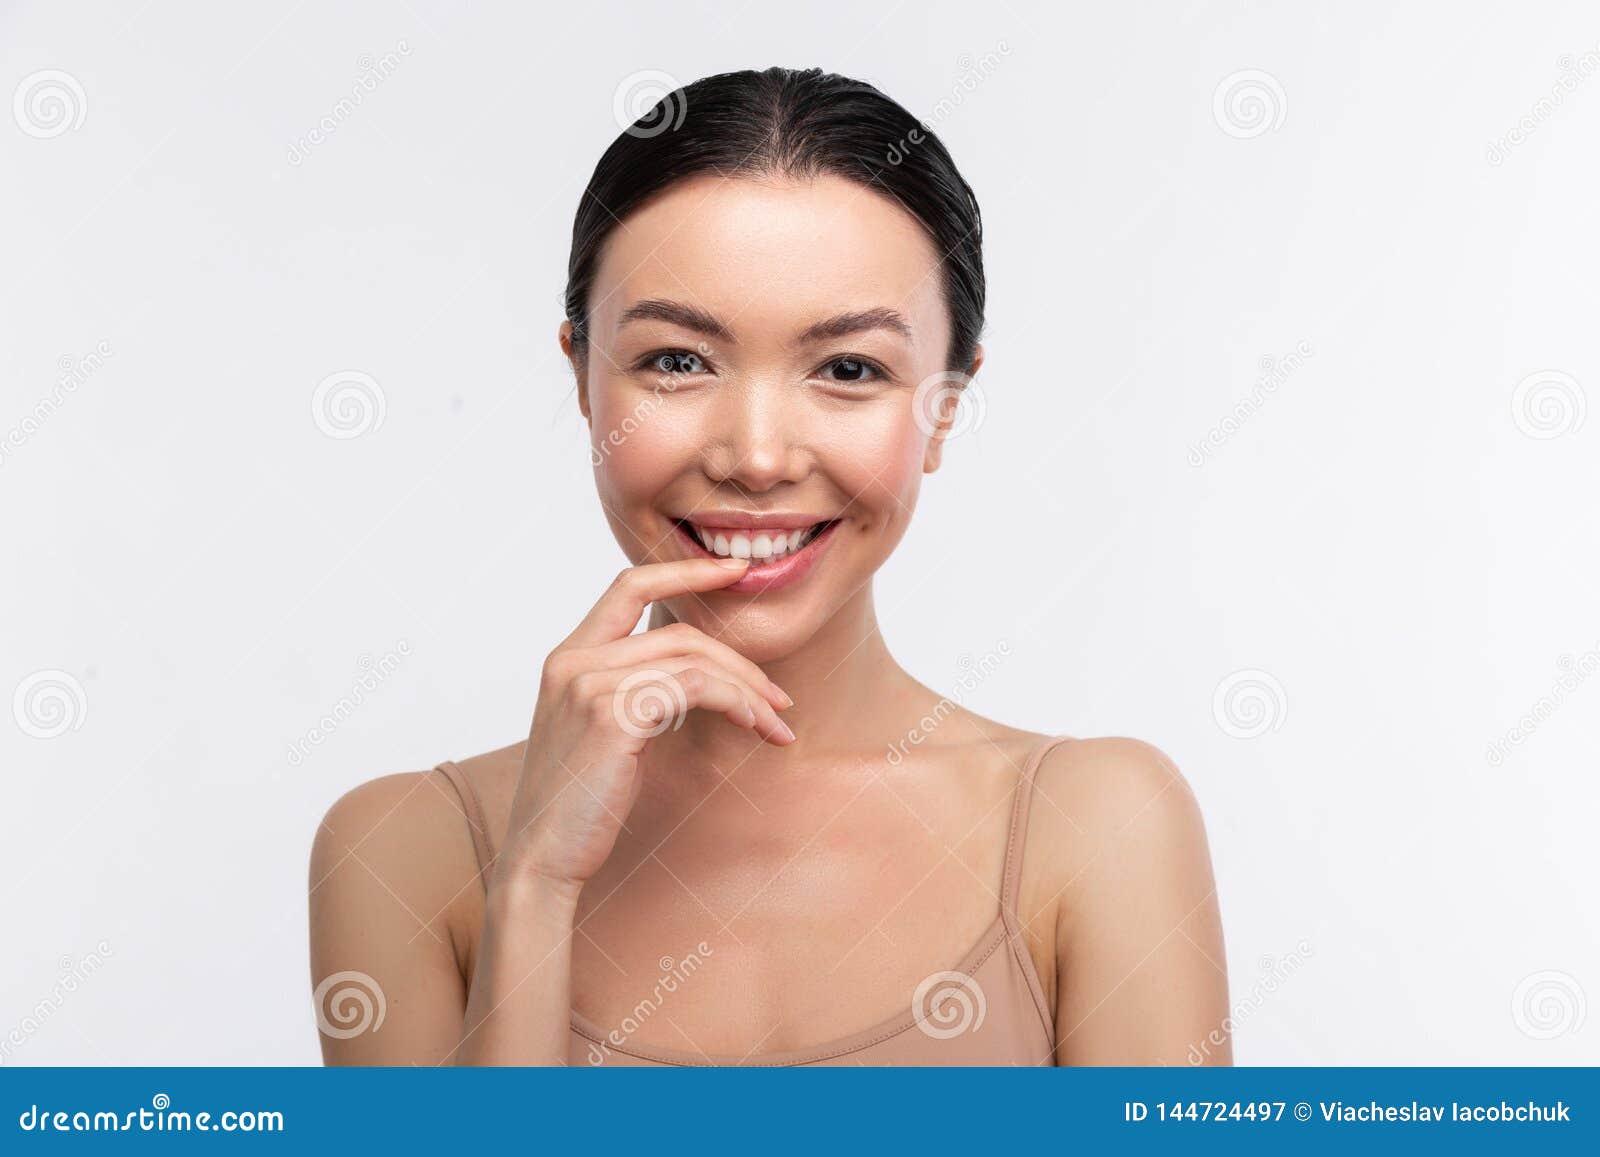 Femme aux yeux noirs utilisant la camisole beige souriant largement